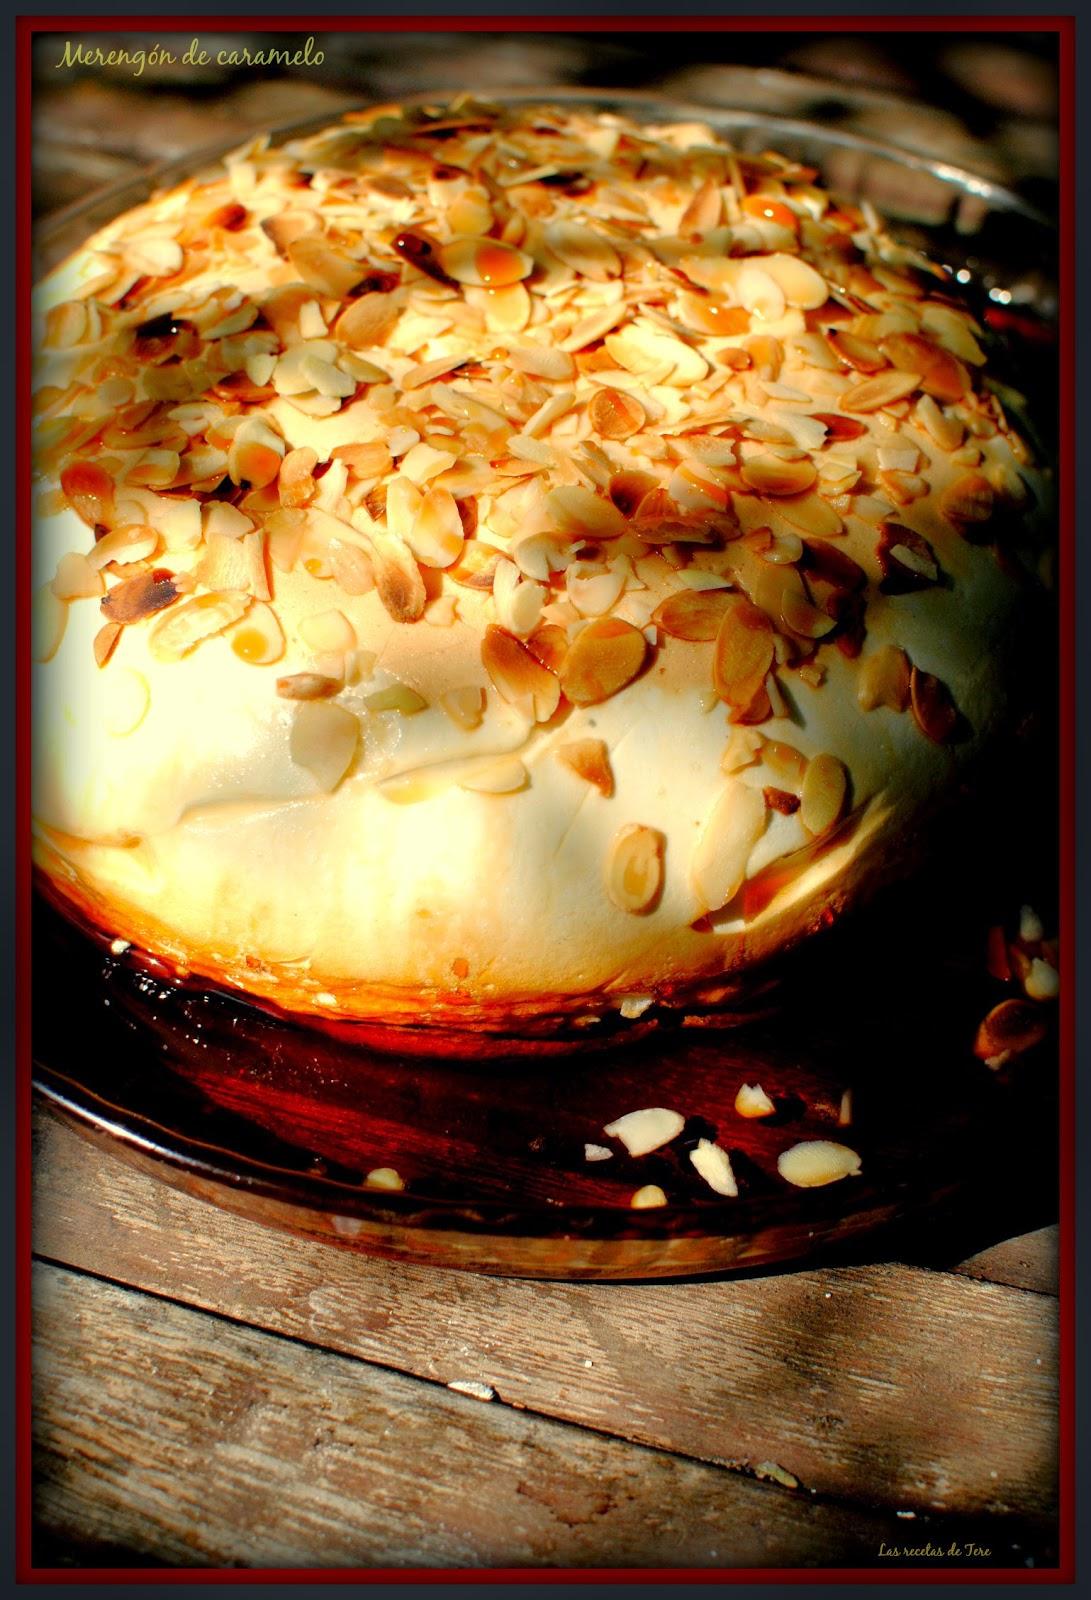 merengon de caramelo tererecetas 02